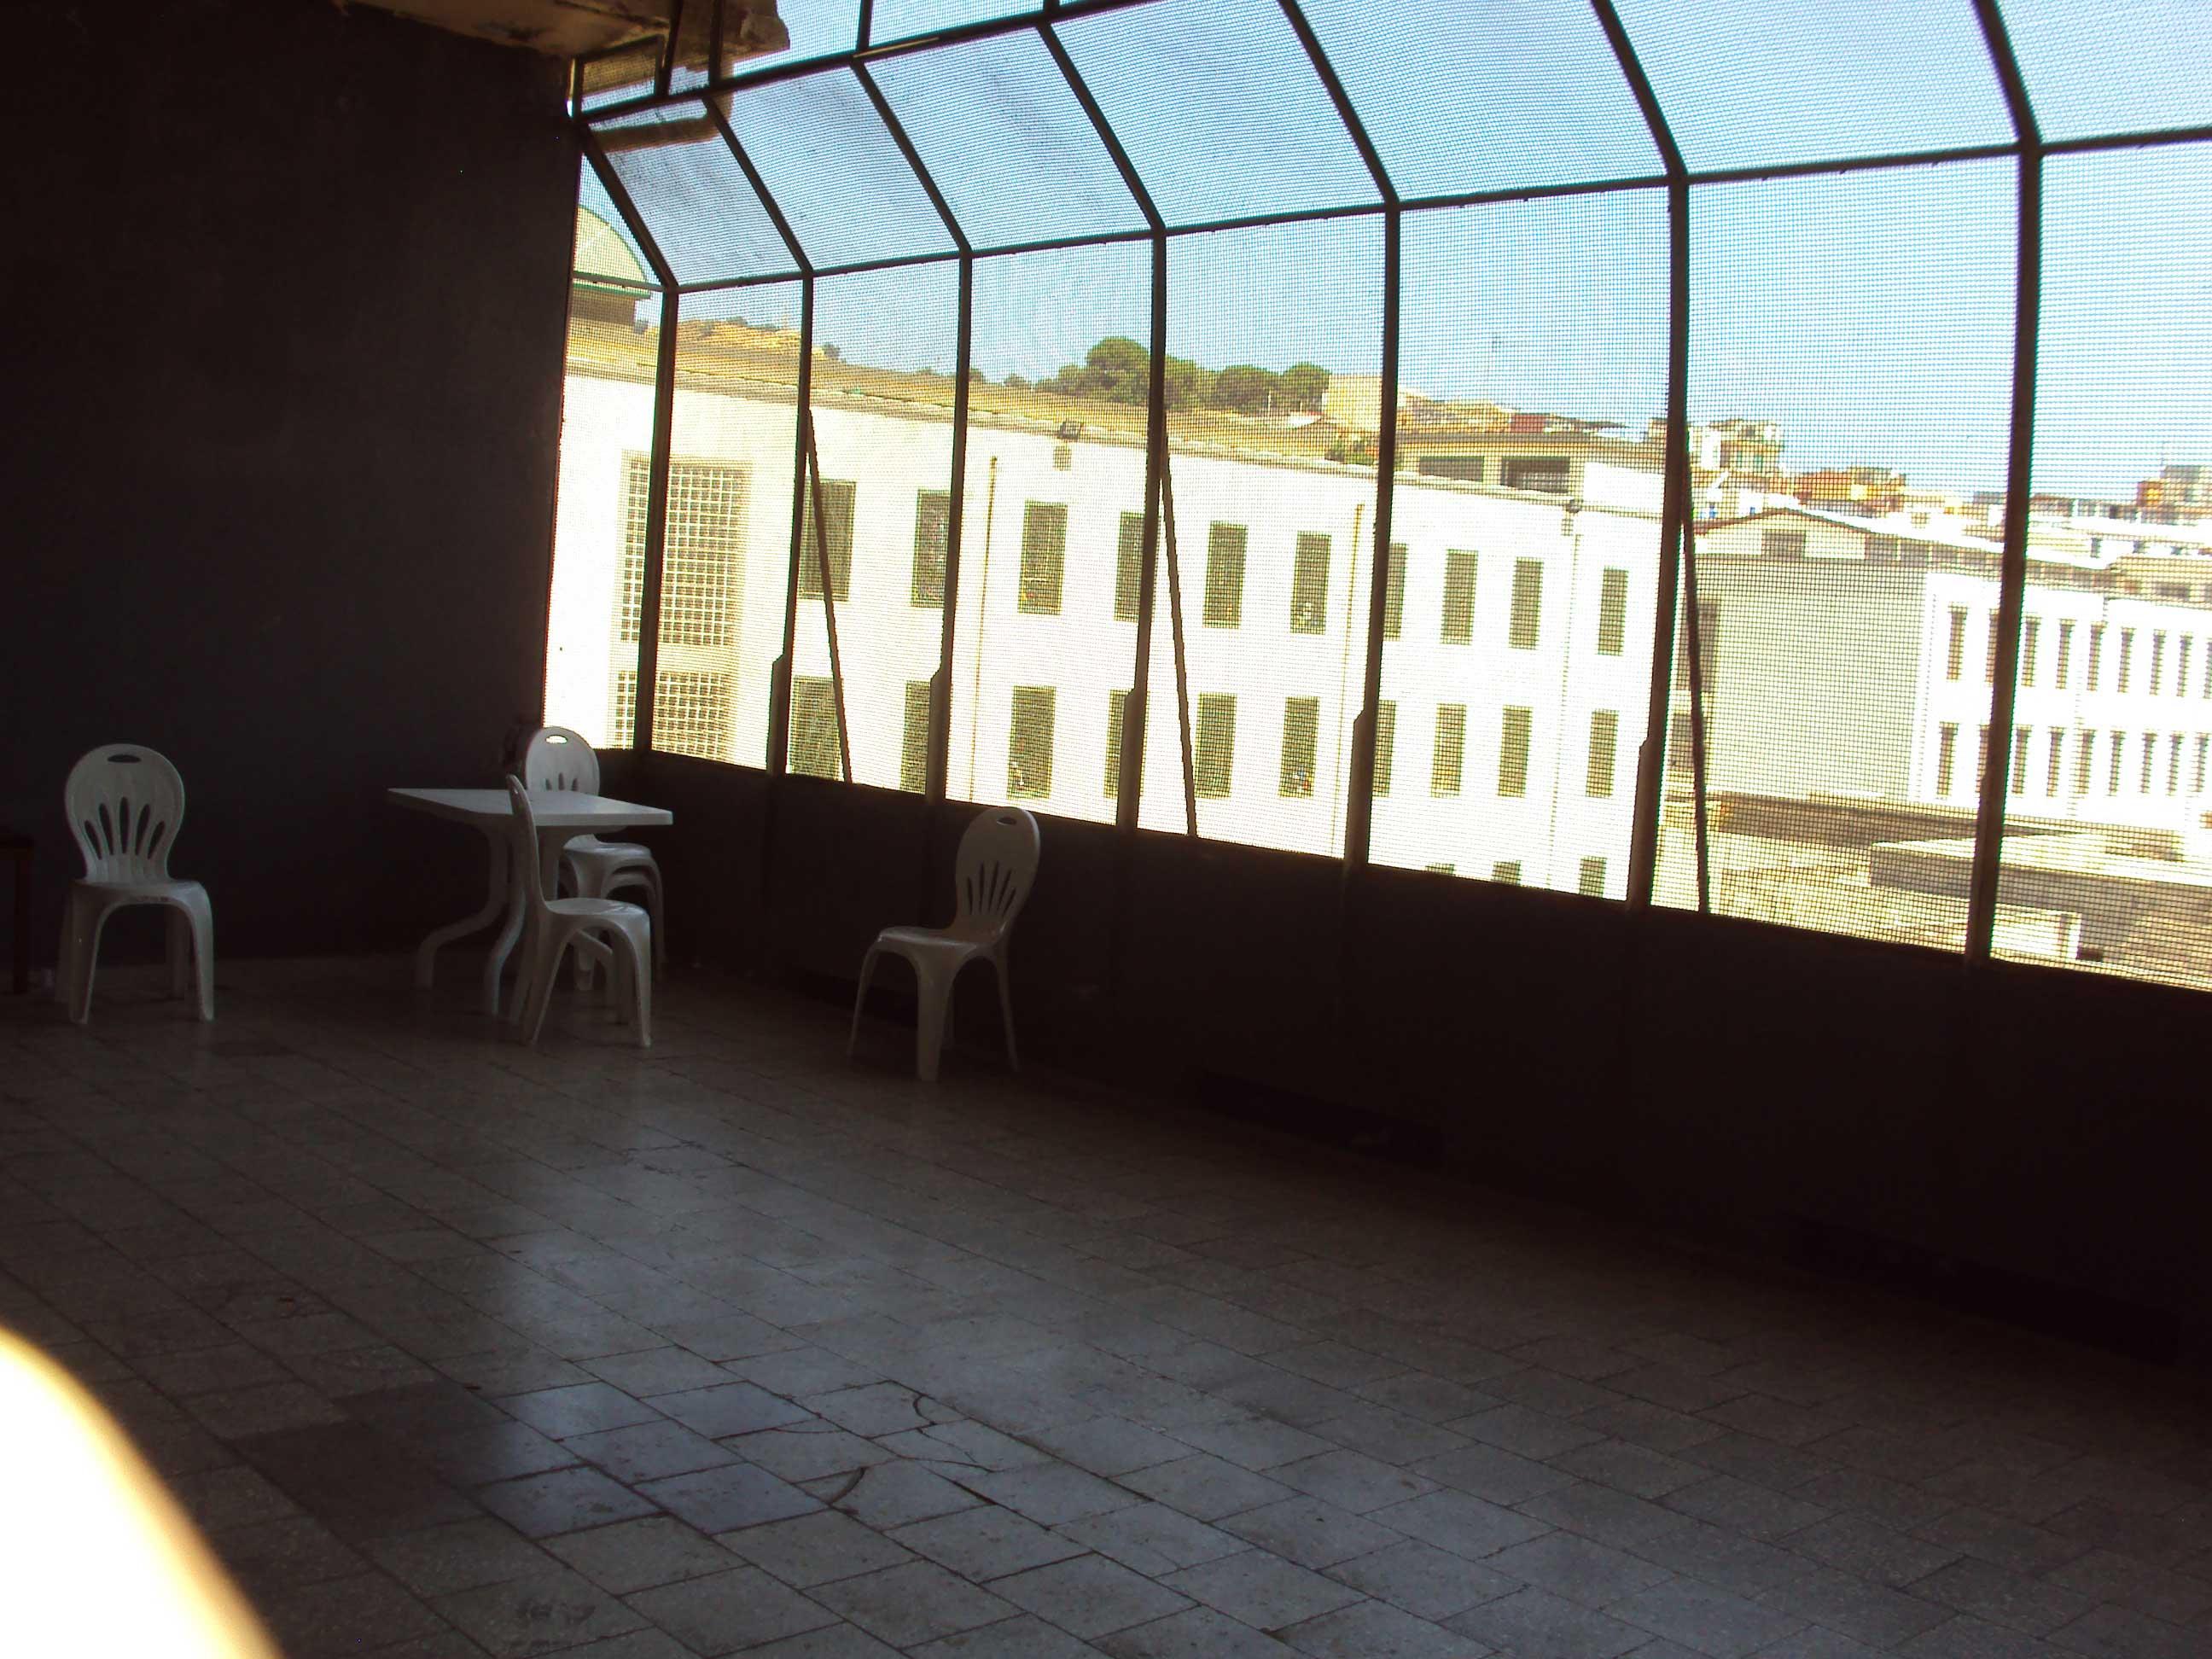 Casa circondariale di messina reportage fotografico della uilpa polizia penitenziaria - Casa della moquette messina ...